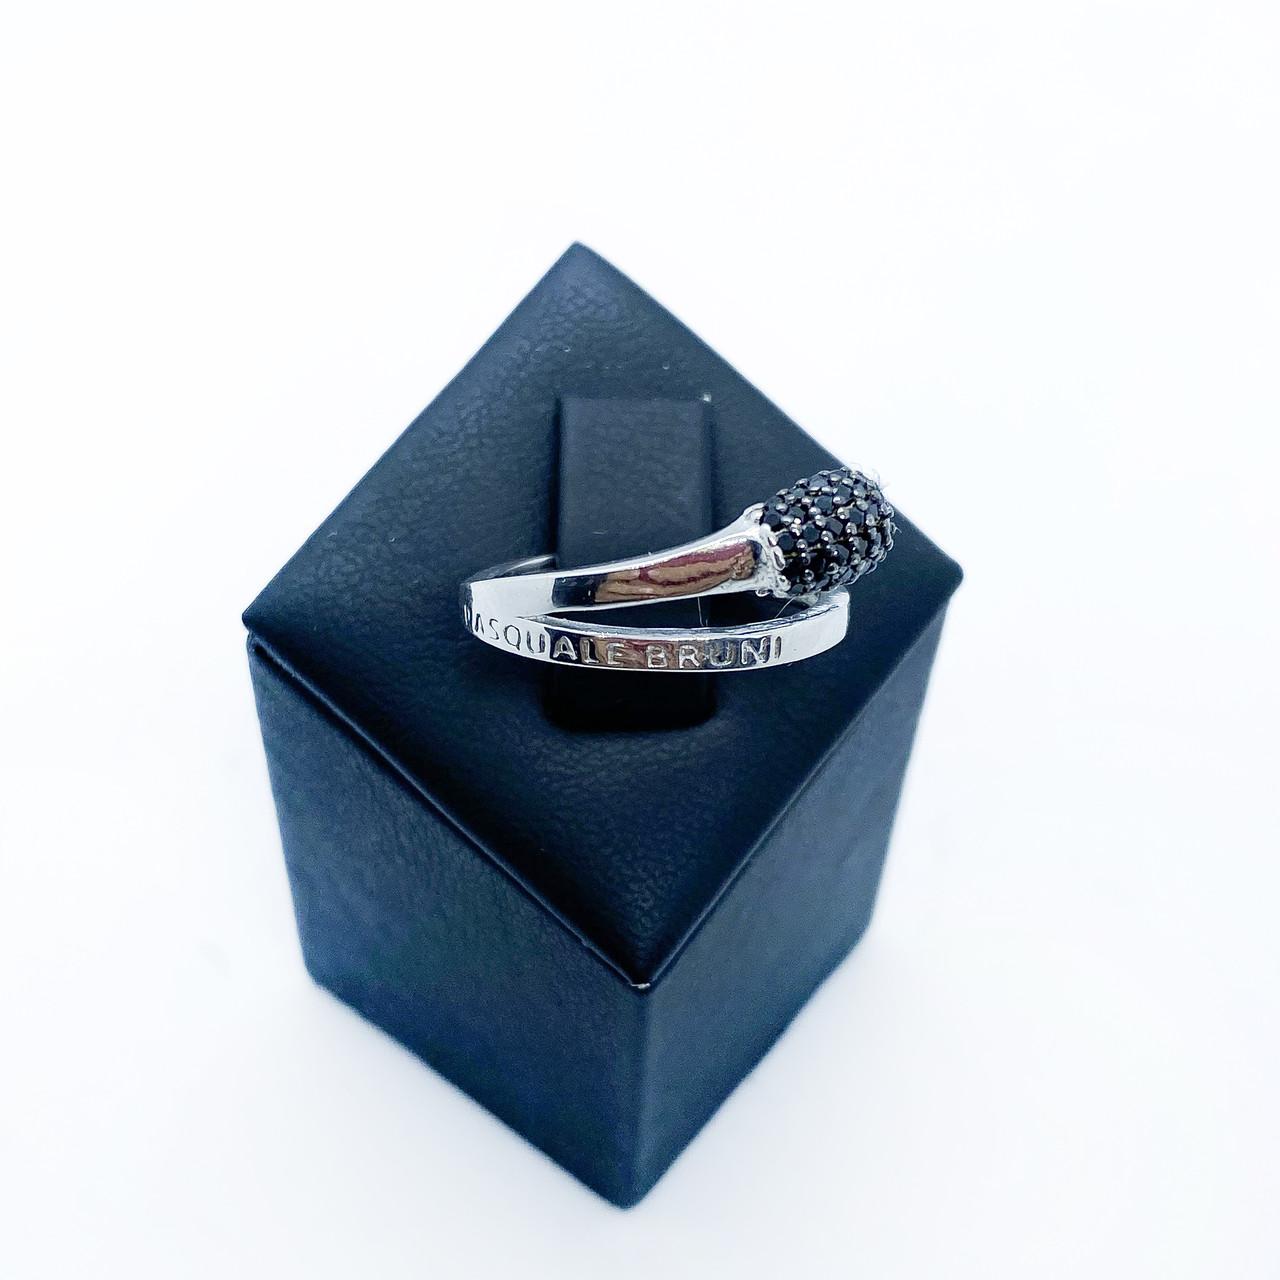 Кольцо из серебра 925  Beauty Bar в стиле Pascale Bruni  (размер 17 - 18 мм)